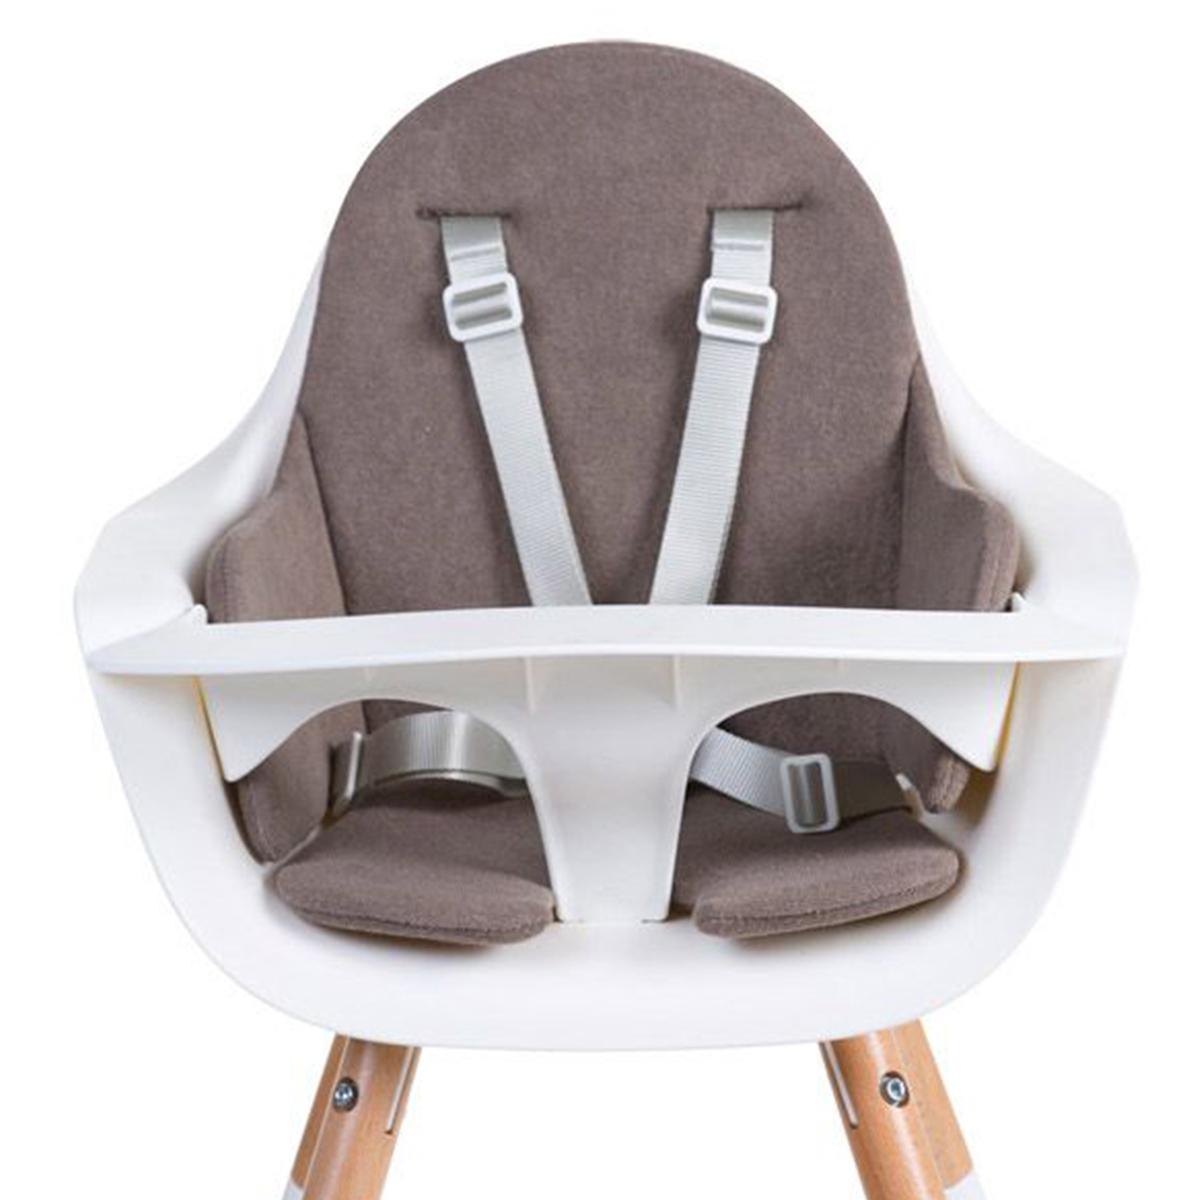 Chaise haute Coussin de Chaise Haute Eponge - Warm Grey Coussin de Chaise Haute Eponge - Warm Grey